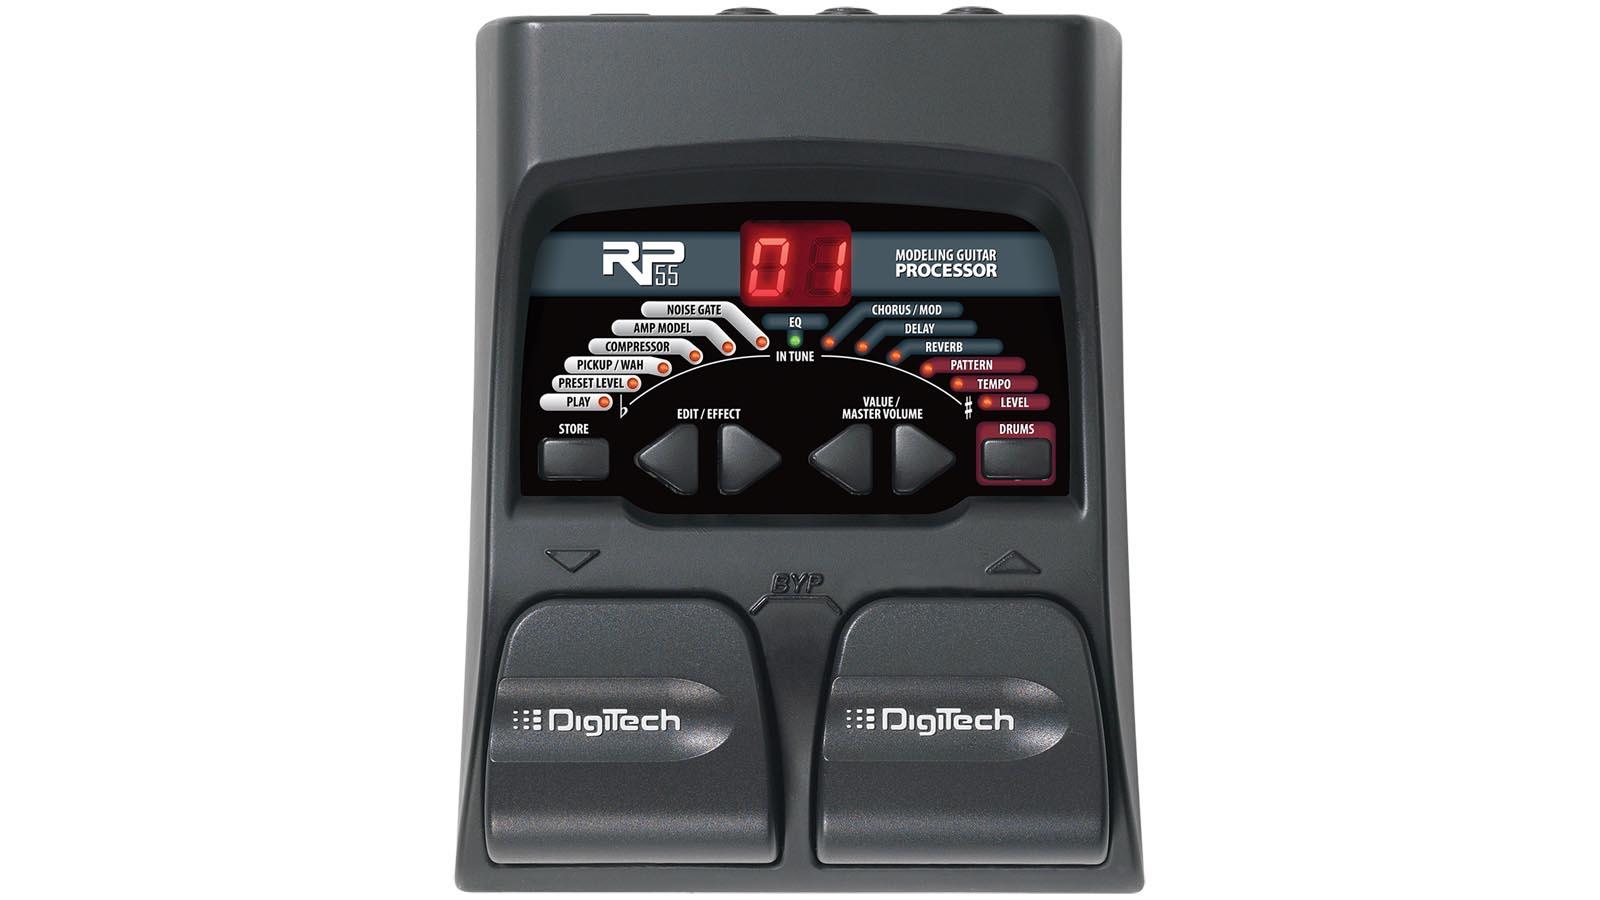 Digitech RP55 Multieffekt Pedal